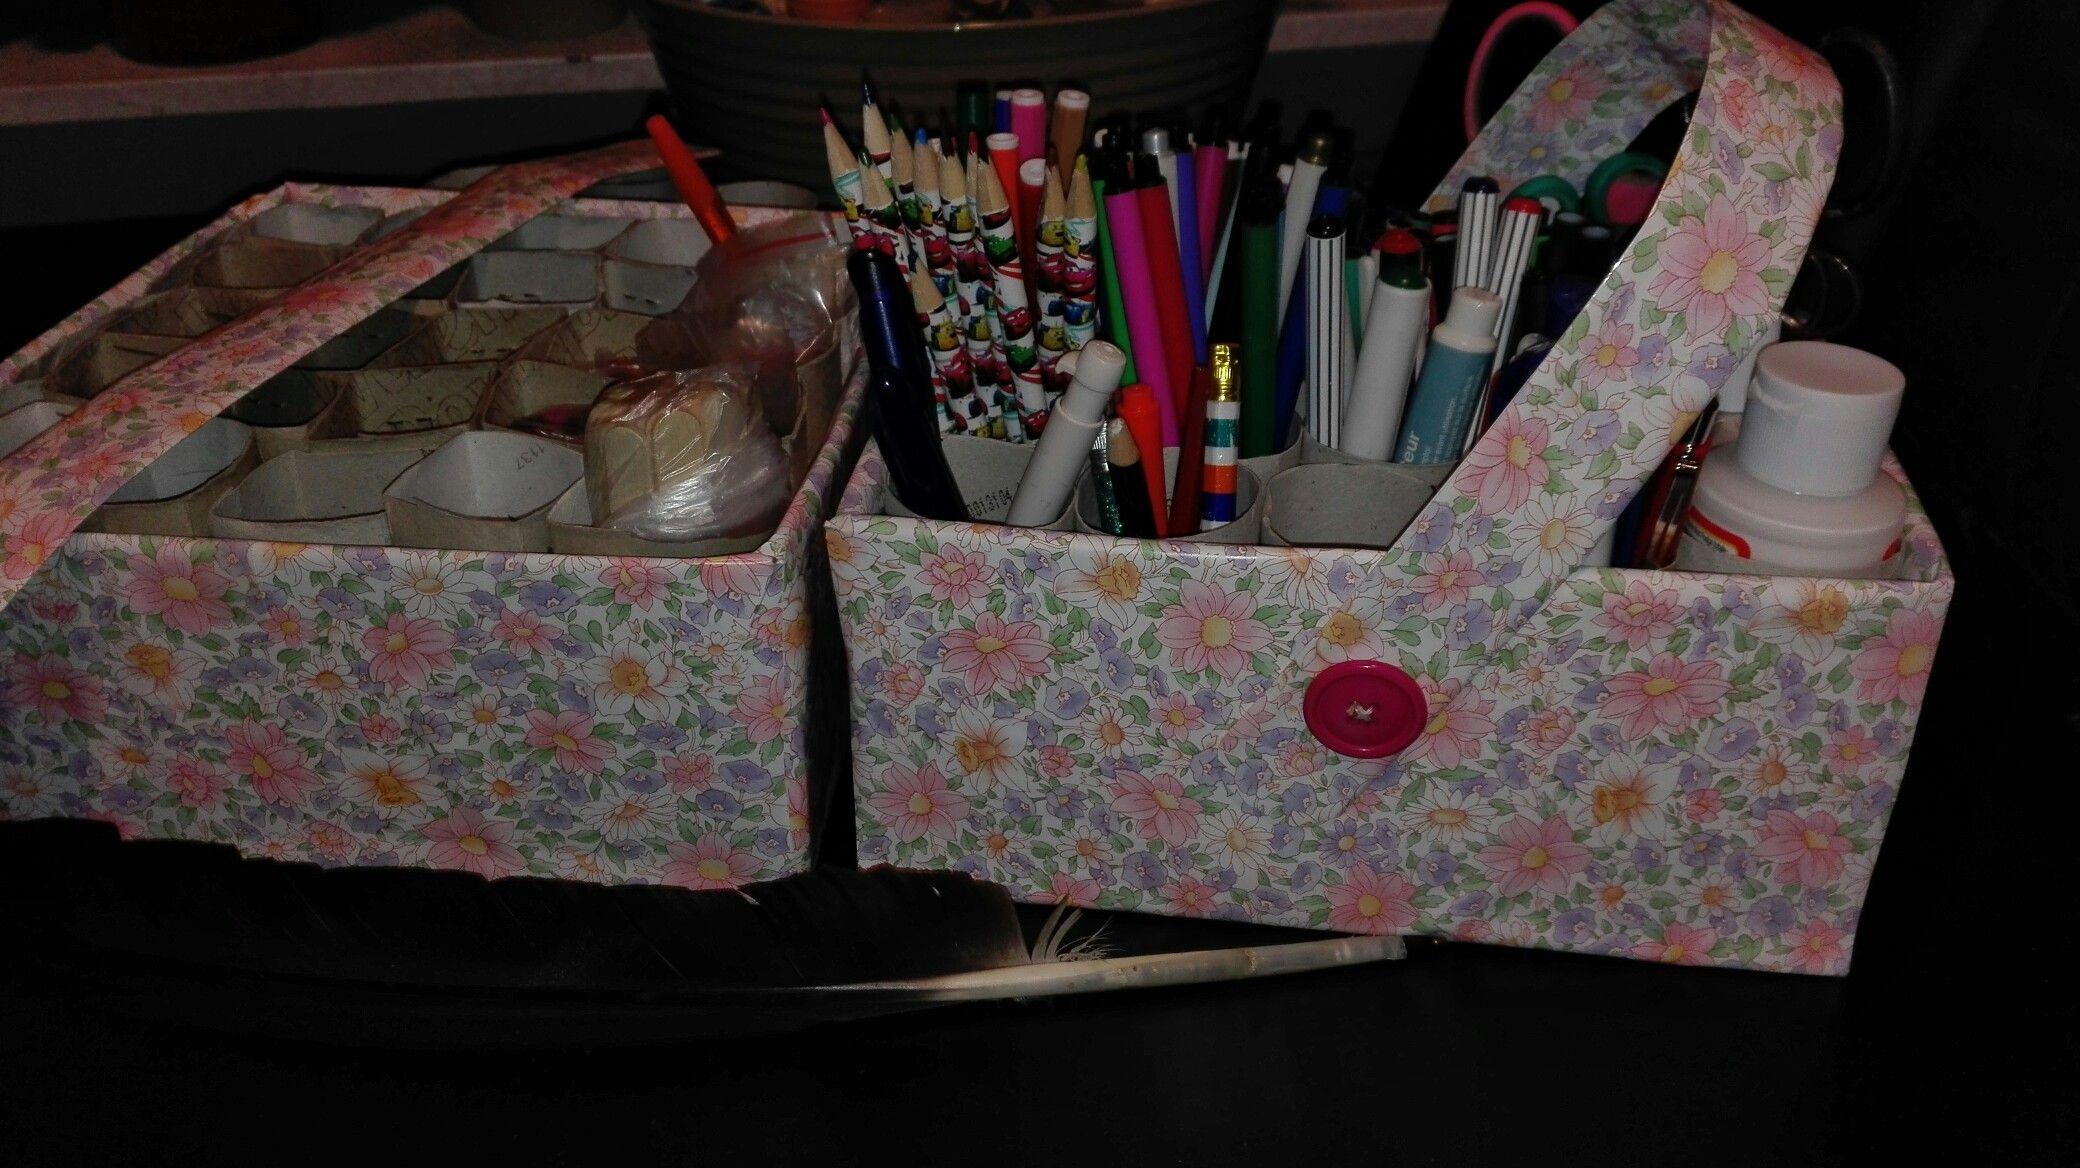 Kleine kartonnen doos beplakken met plakplastic en opvullen met lege toiletrollen.